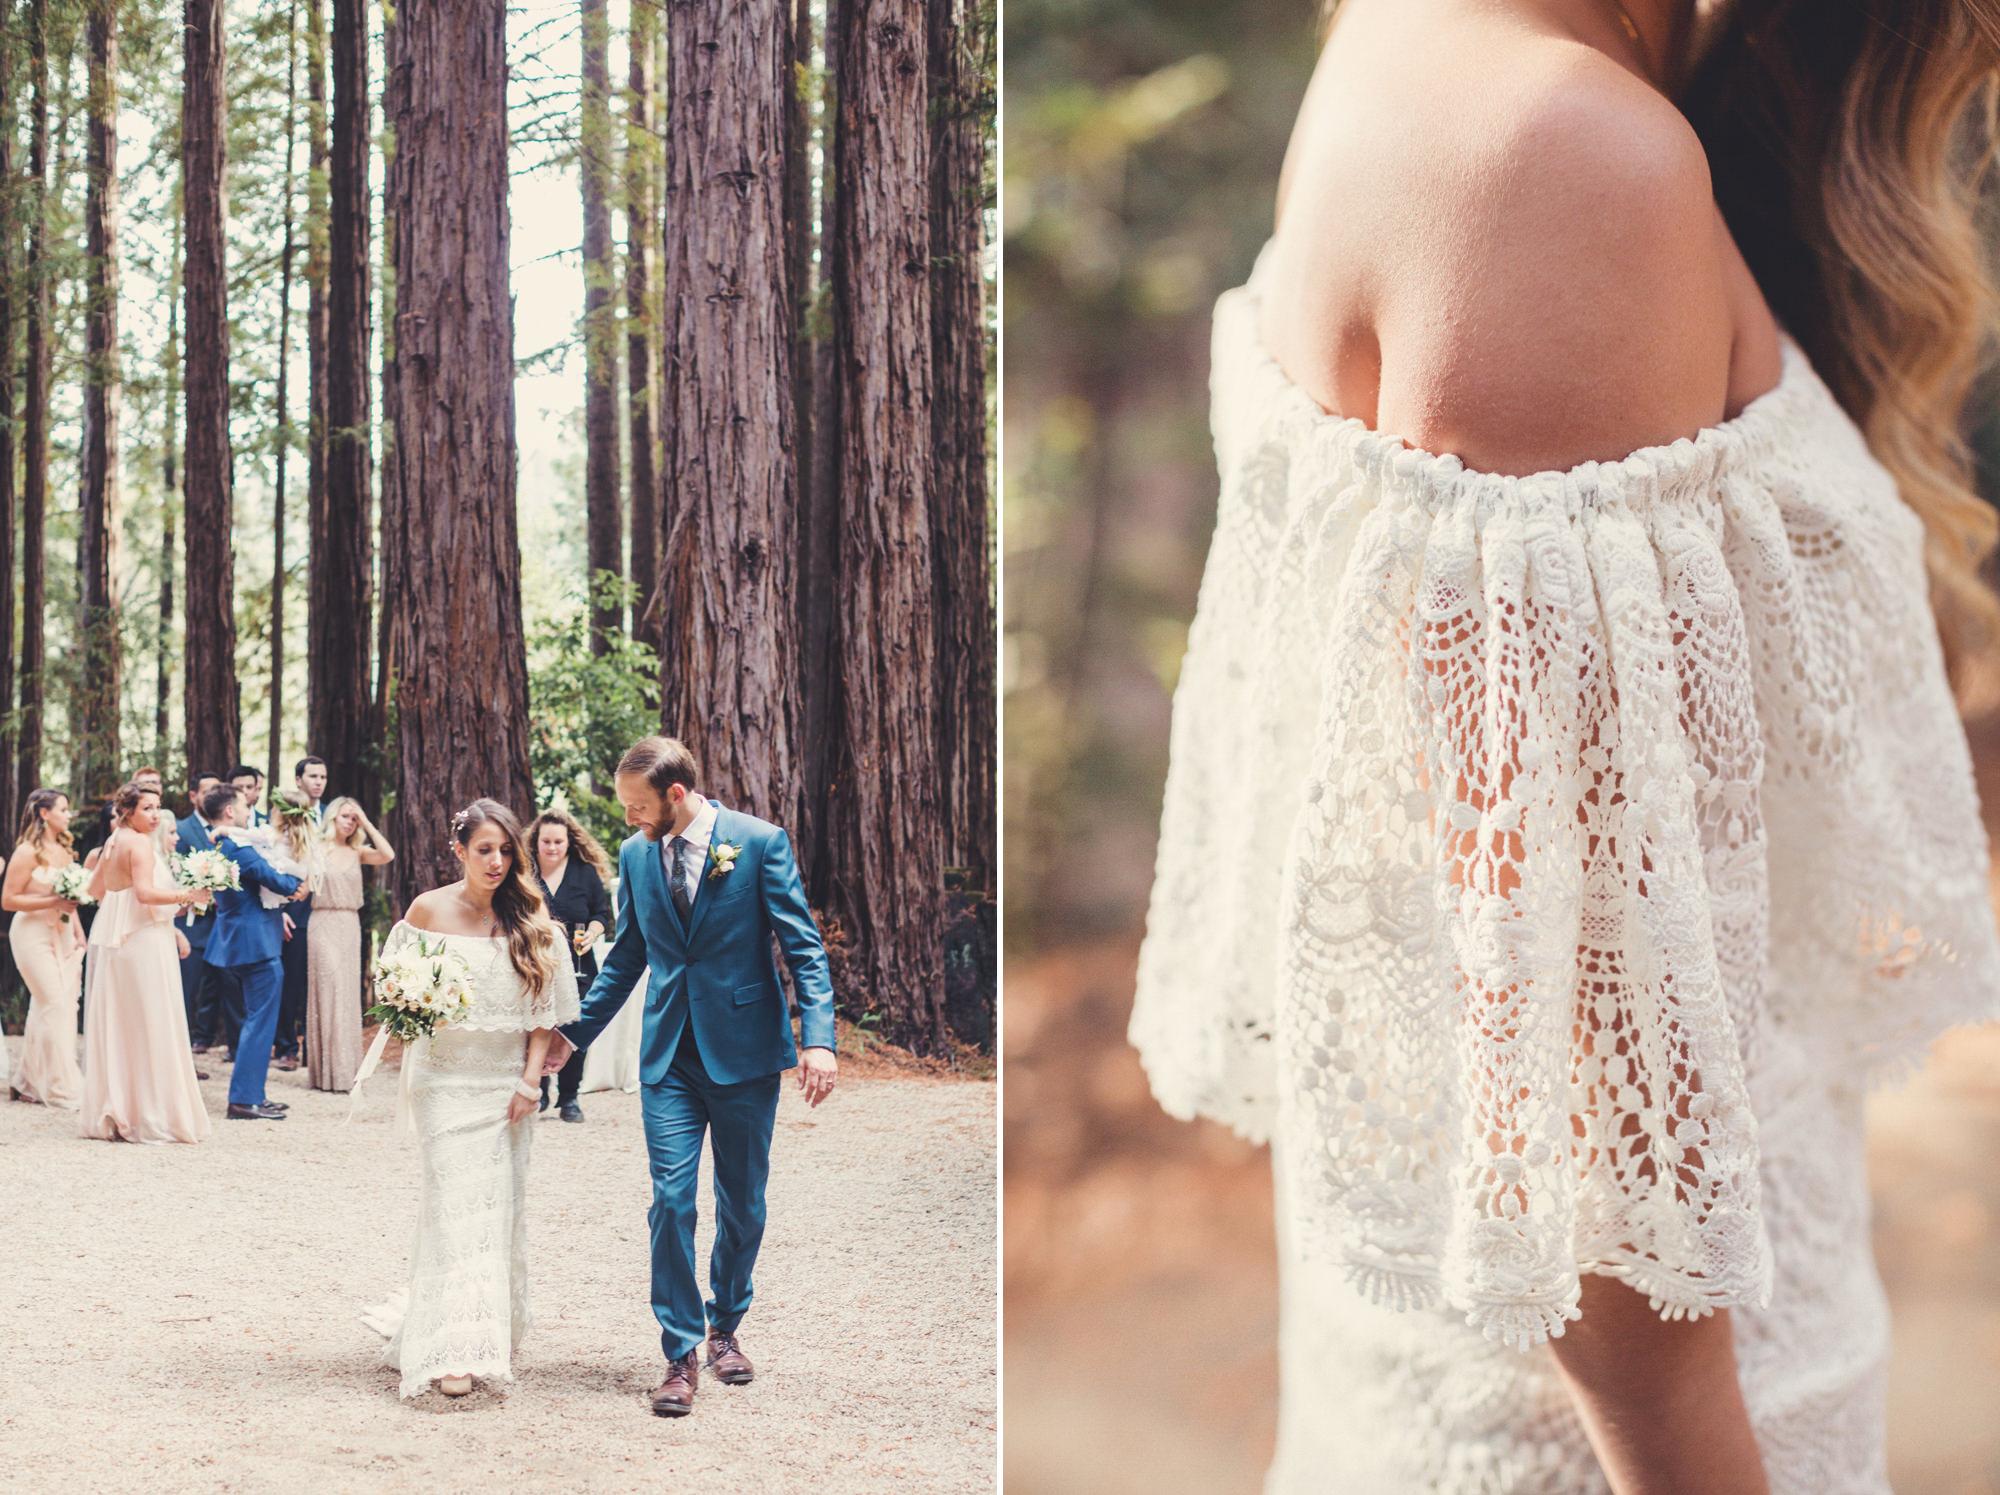 Sequoia Retreat Center Wedding@Anne-Claire Brun 96